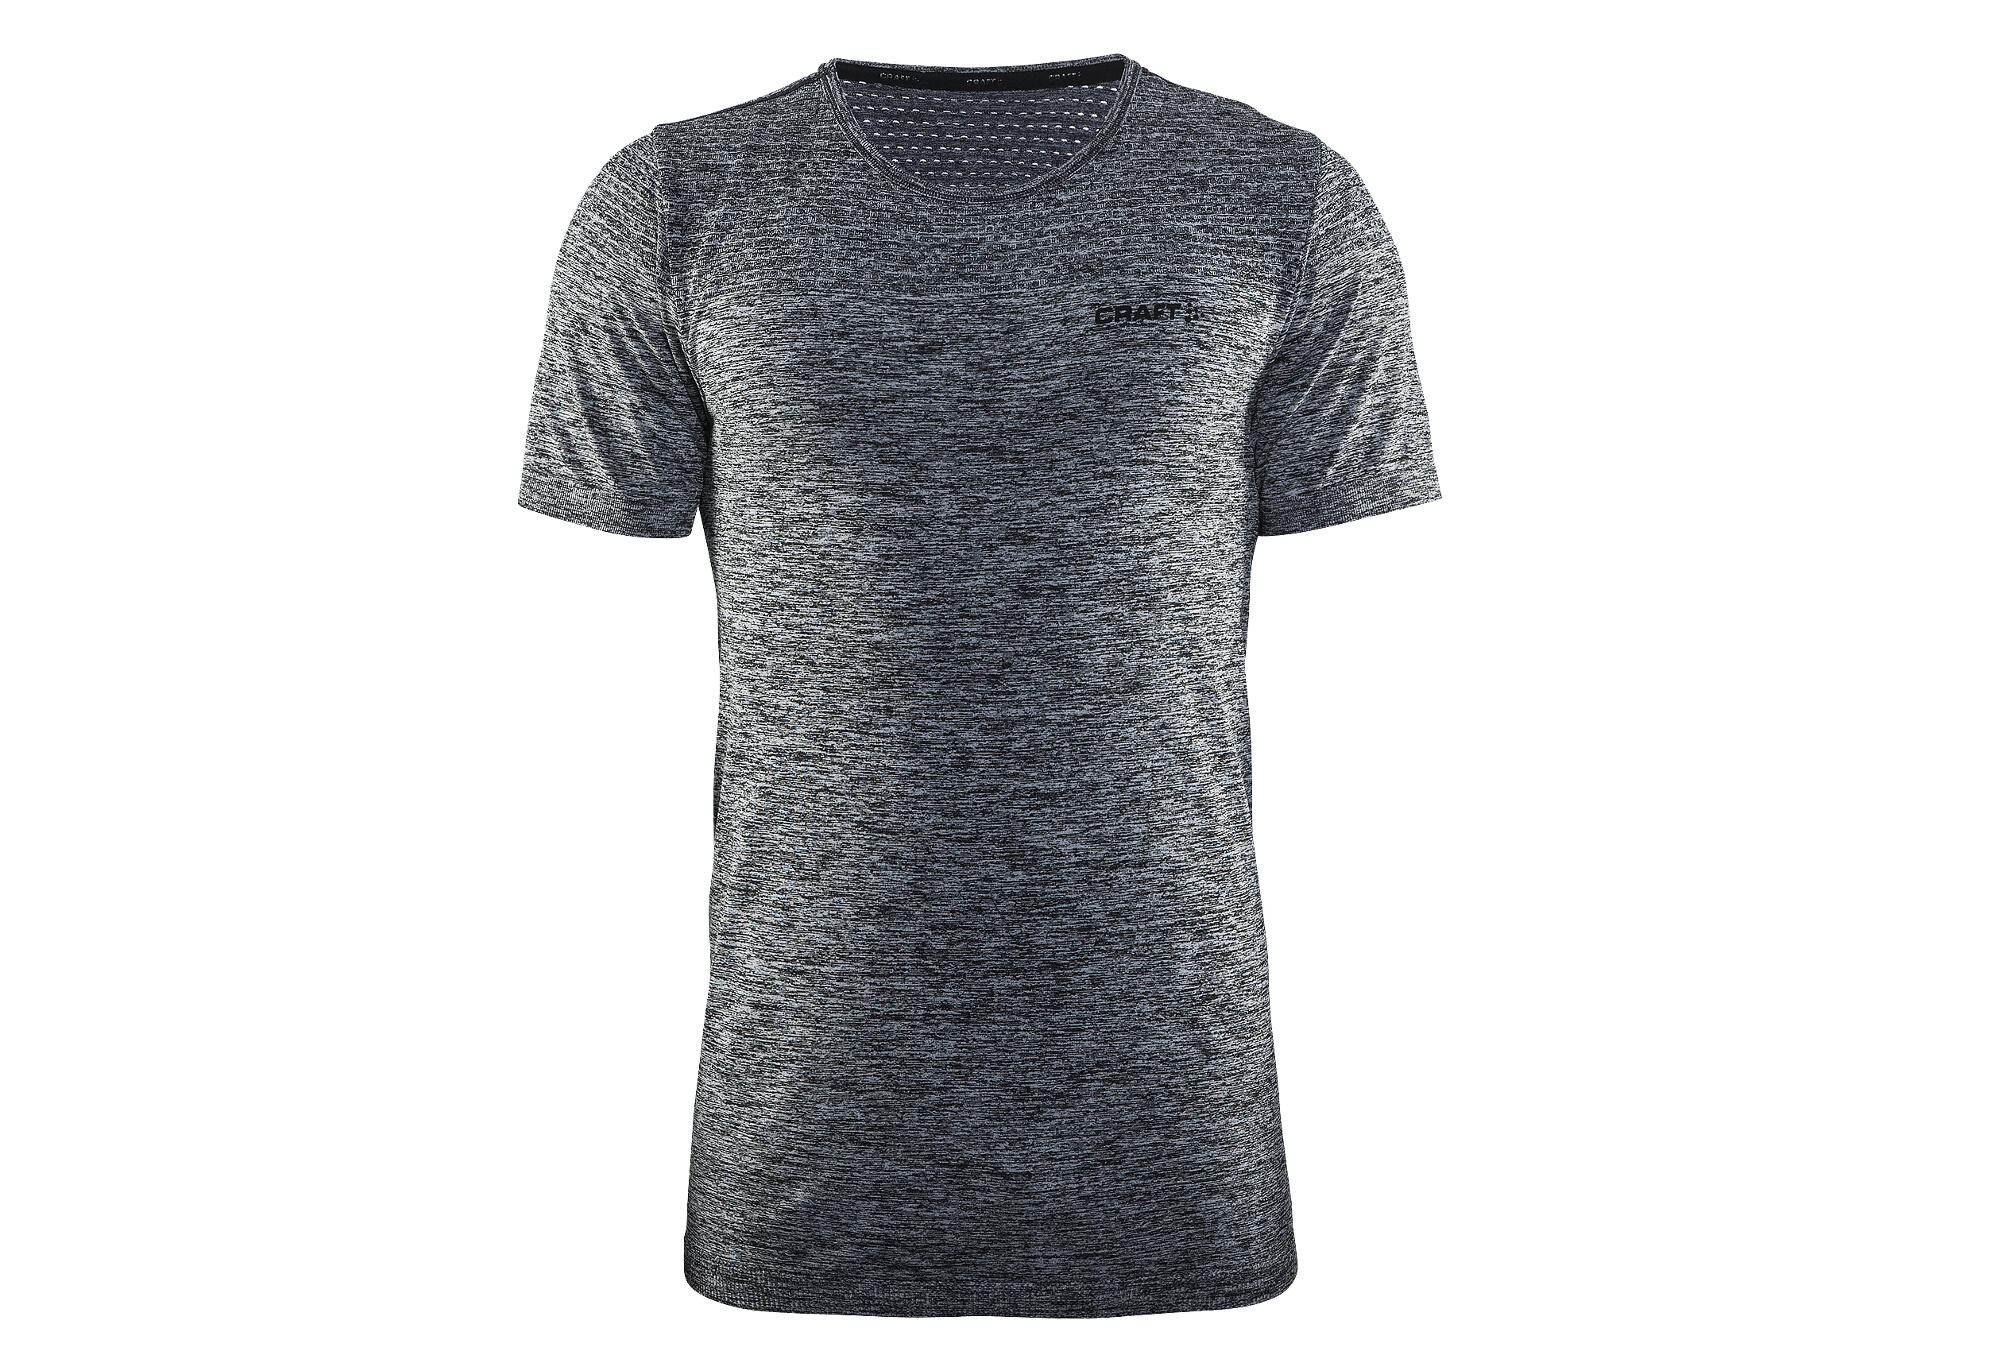 4c713e44ebcd59 Craft Core nahtlose T-Shirt mit kurzen Ärmeln schwarz grau ...